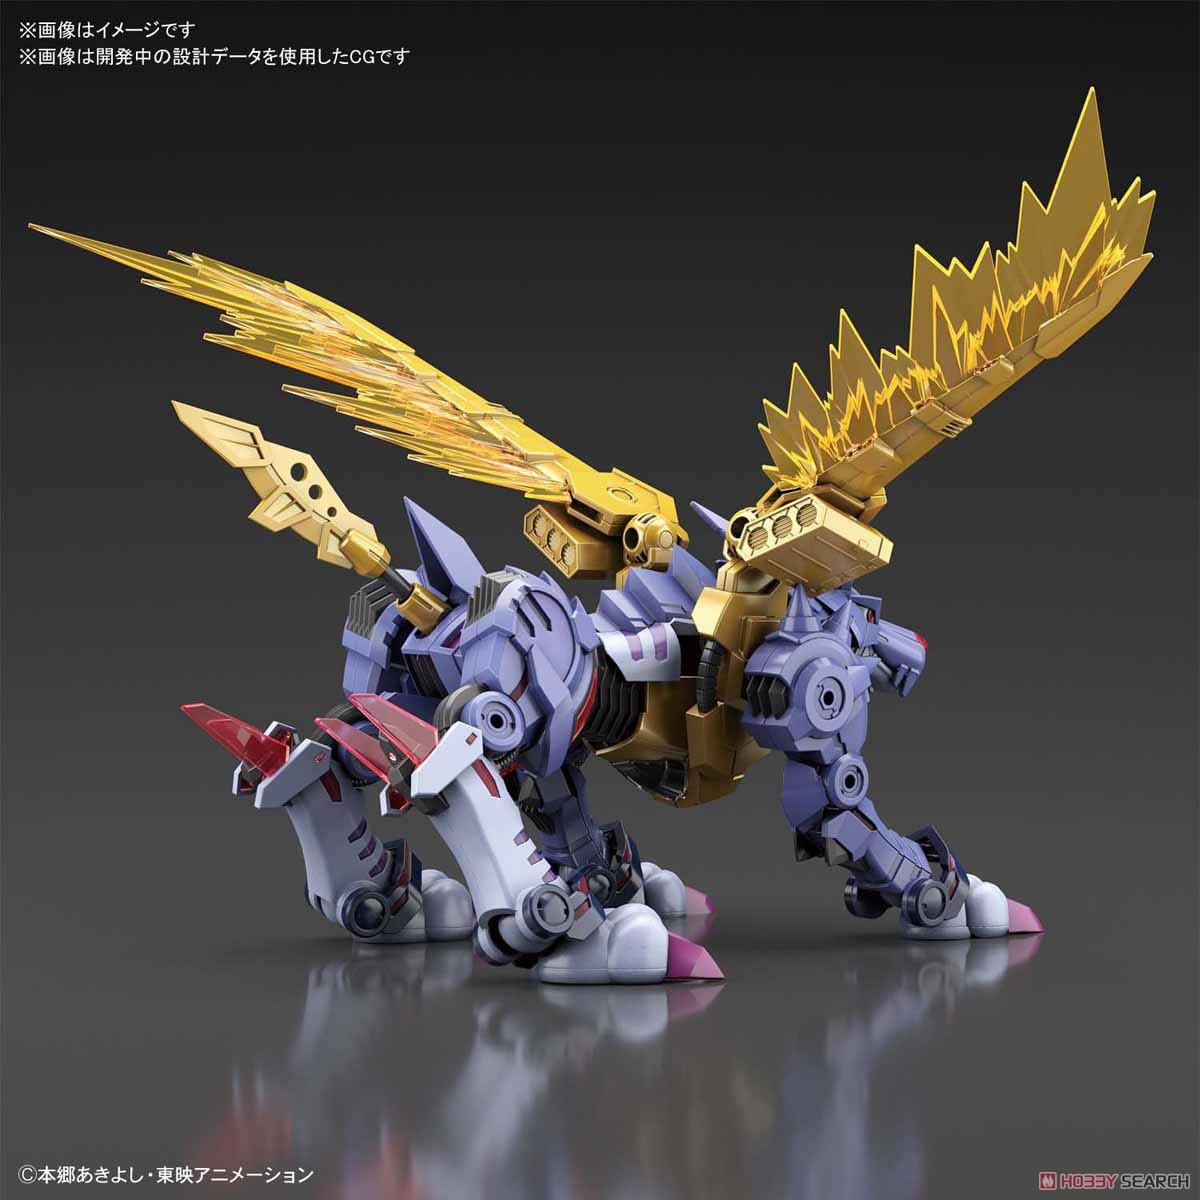 【再販】Figure-rise Standard『メタルガルルモン(AMPLIFIED)』デジモンアドベンチャー プラモデル-016